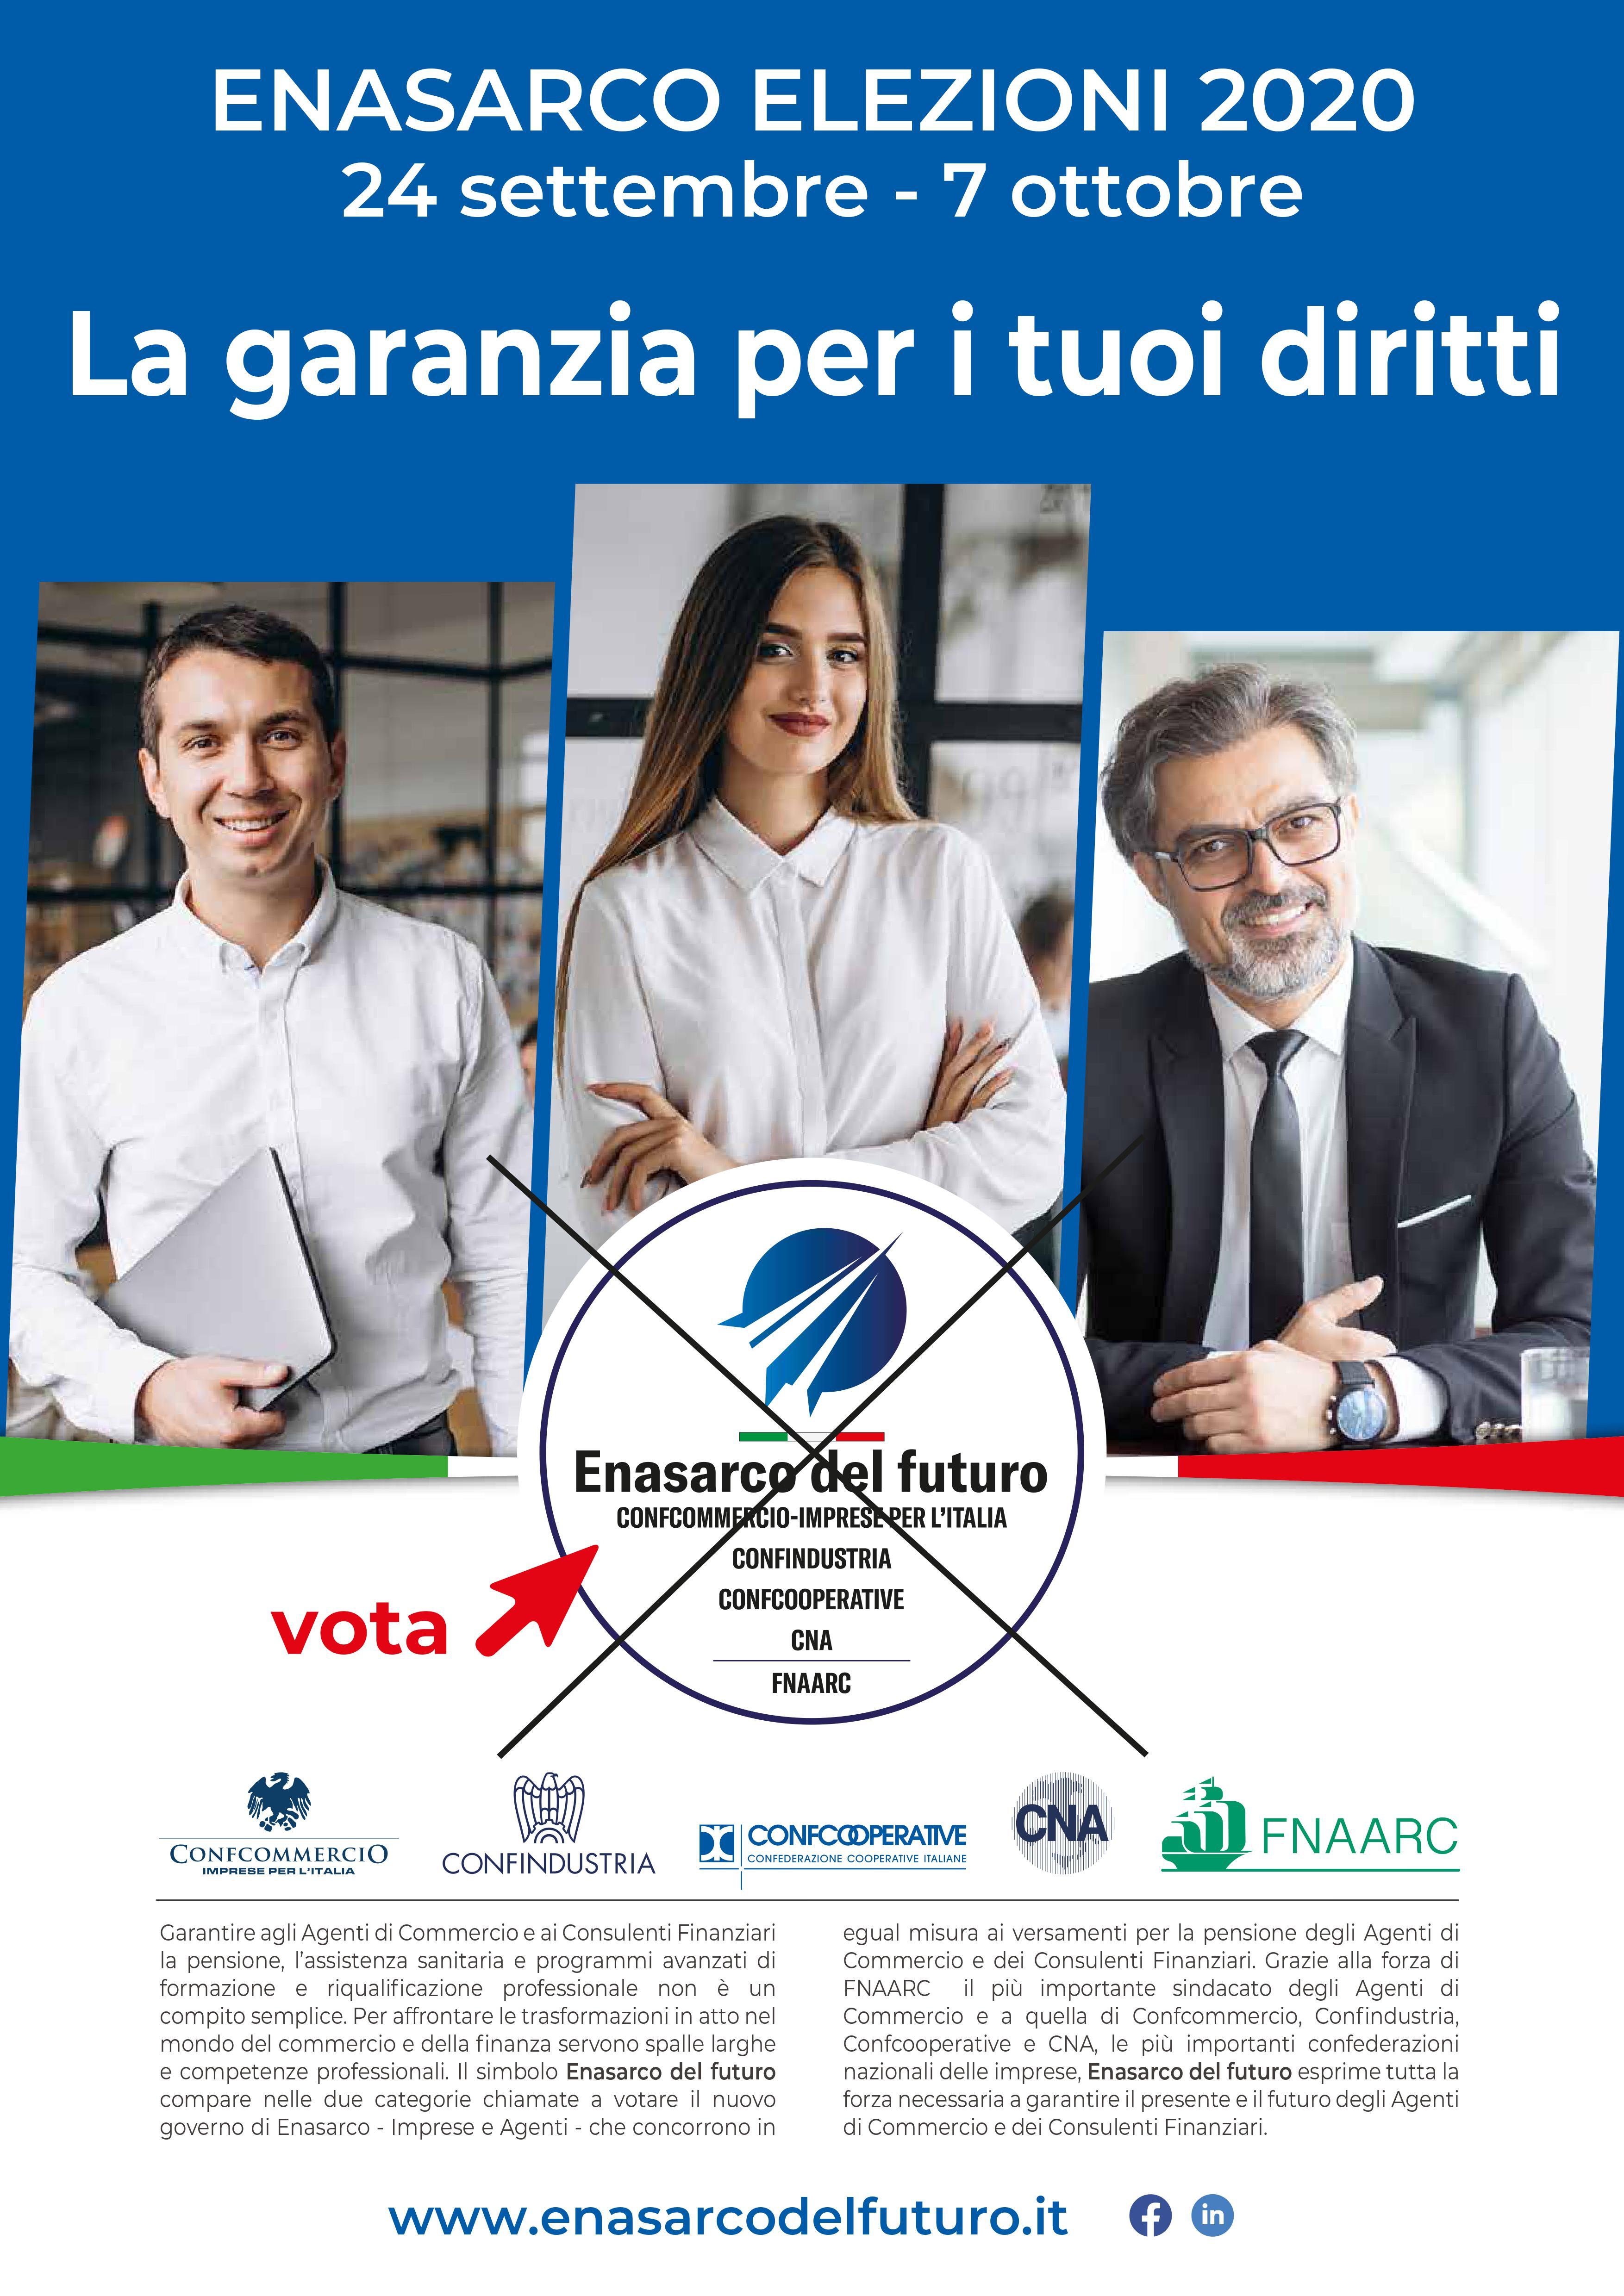 ENASARCO elezioni 2020